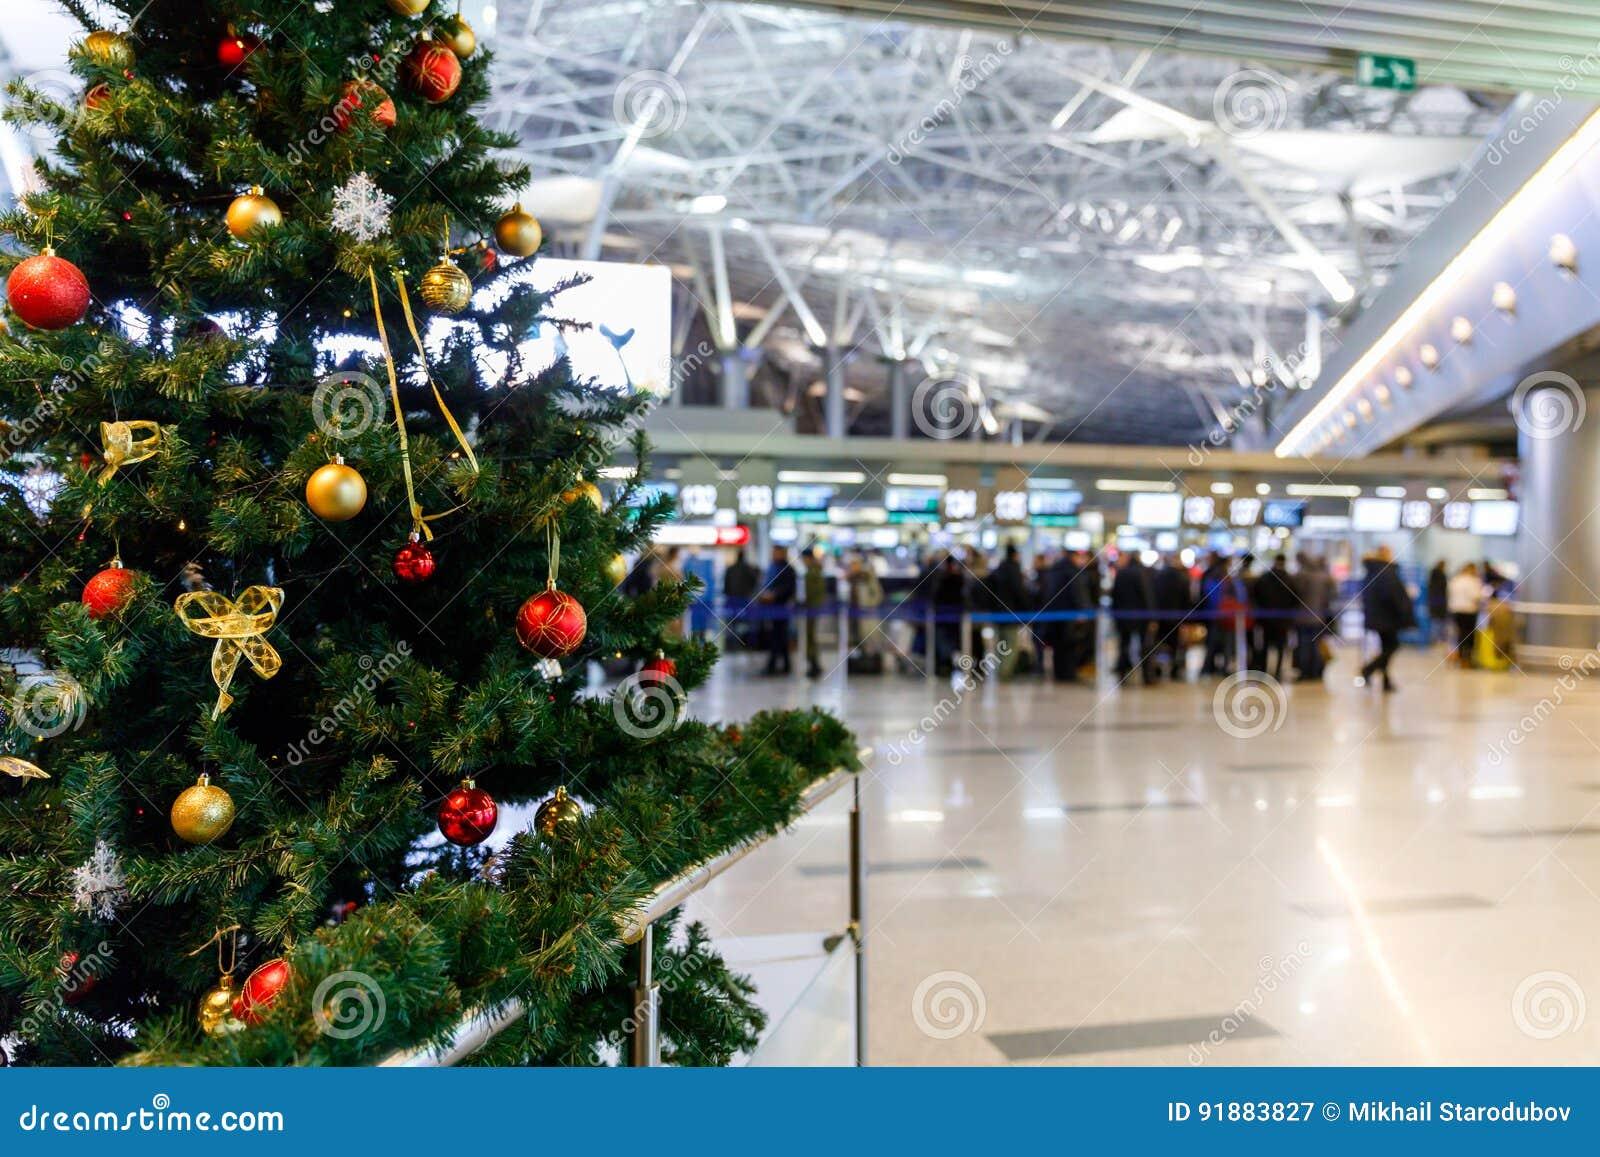 Χριστουγεννιάτικο δέντρο στον αερολιμένα και άνθρωποι στους μετρητές εισόδου